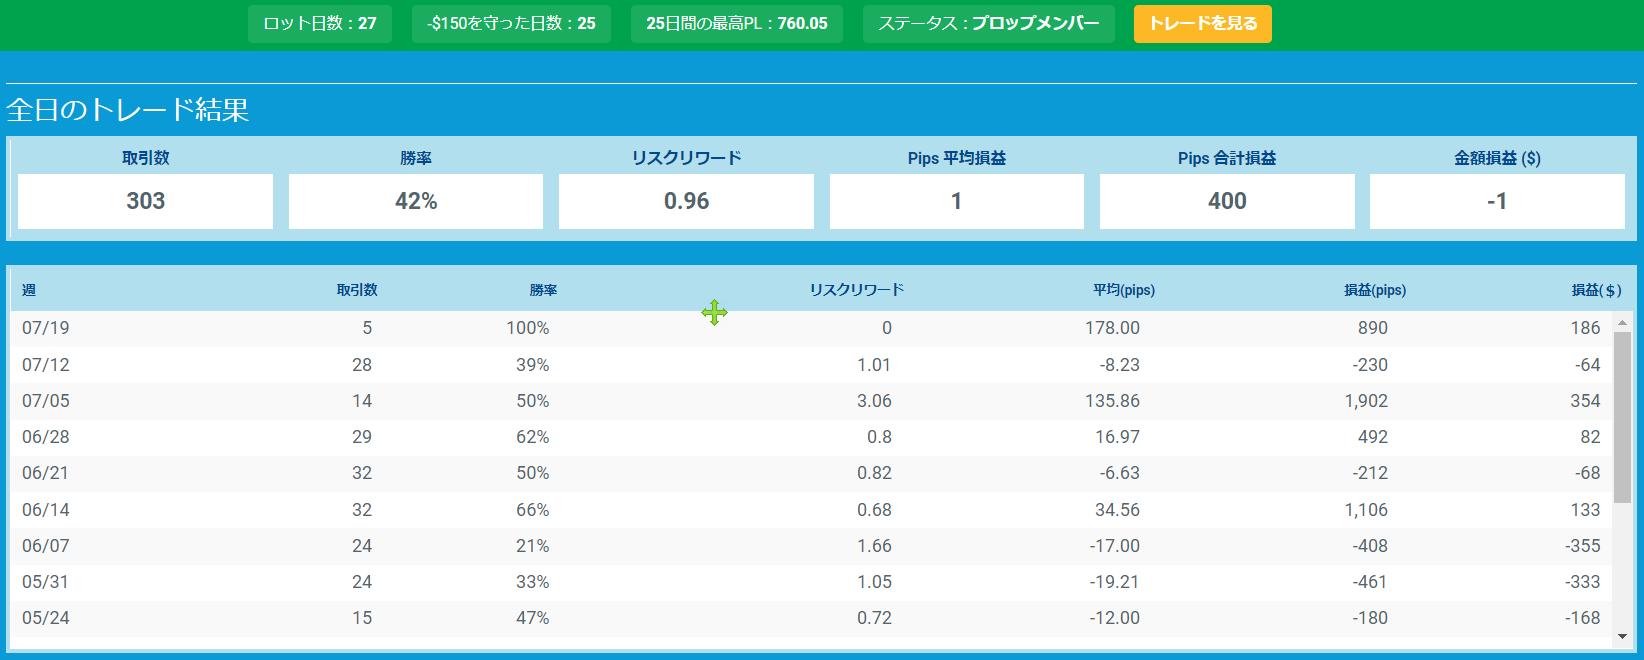 プロップトレーダーチャートJunichiro3